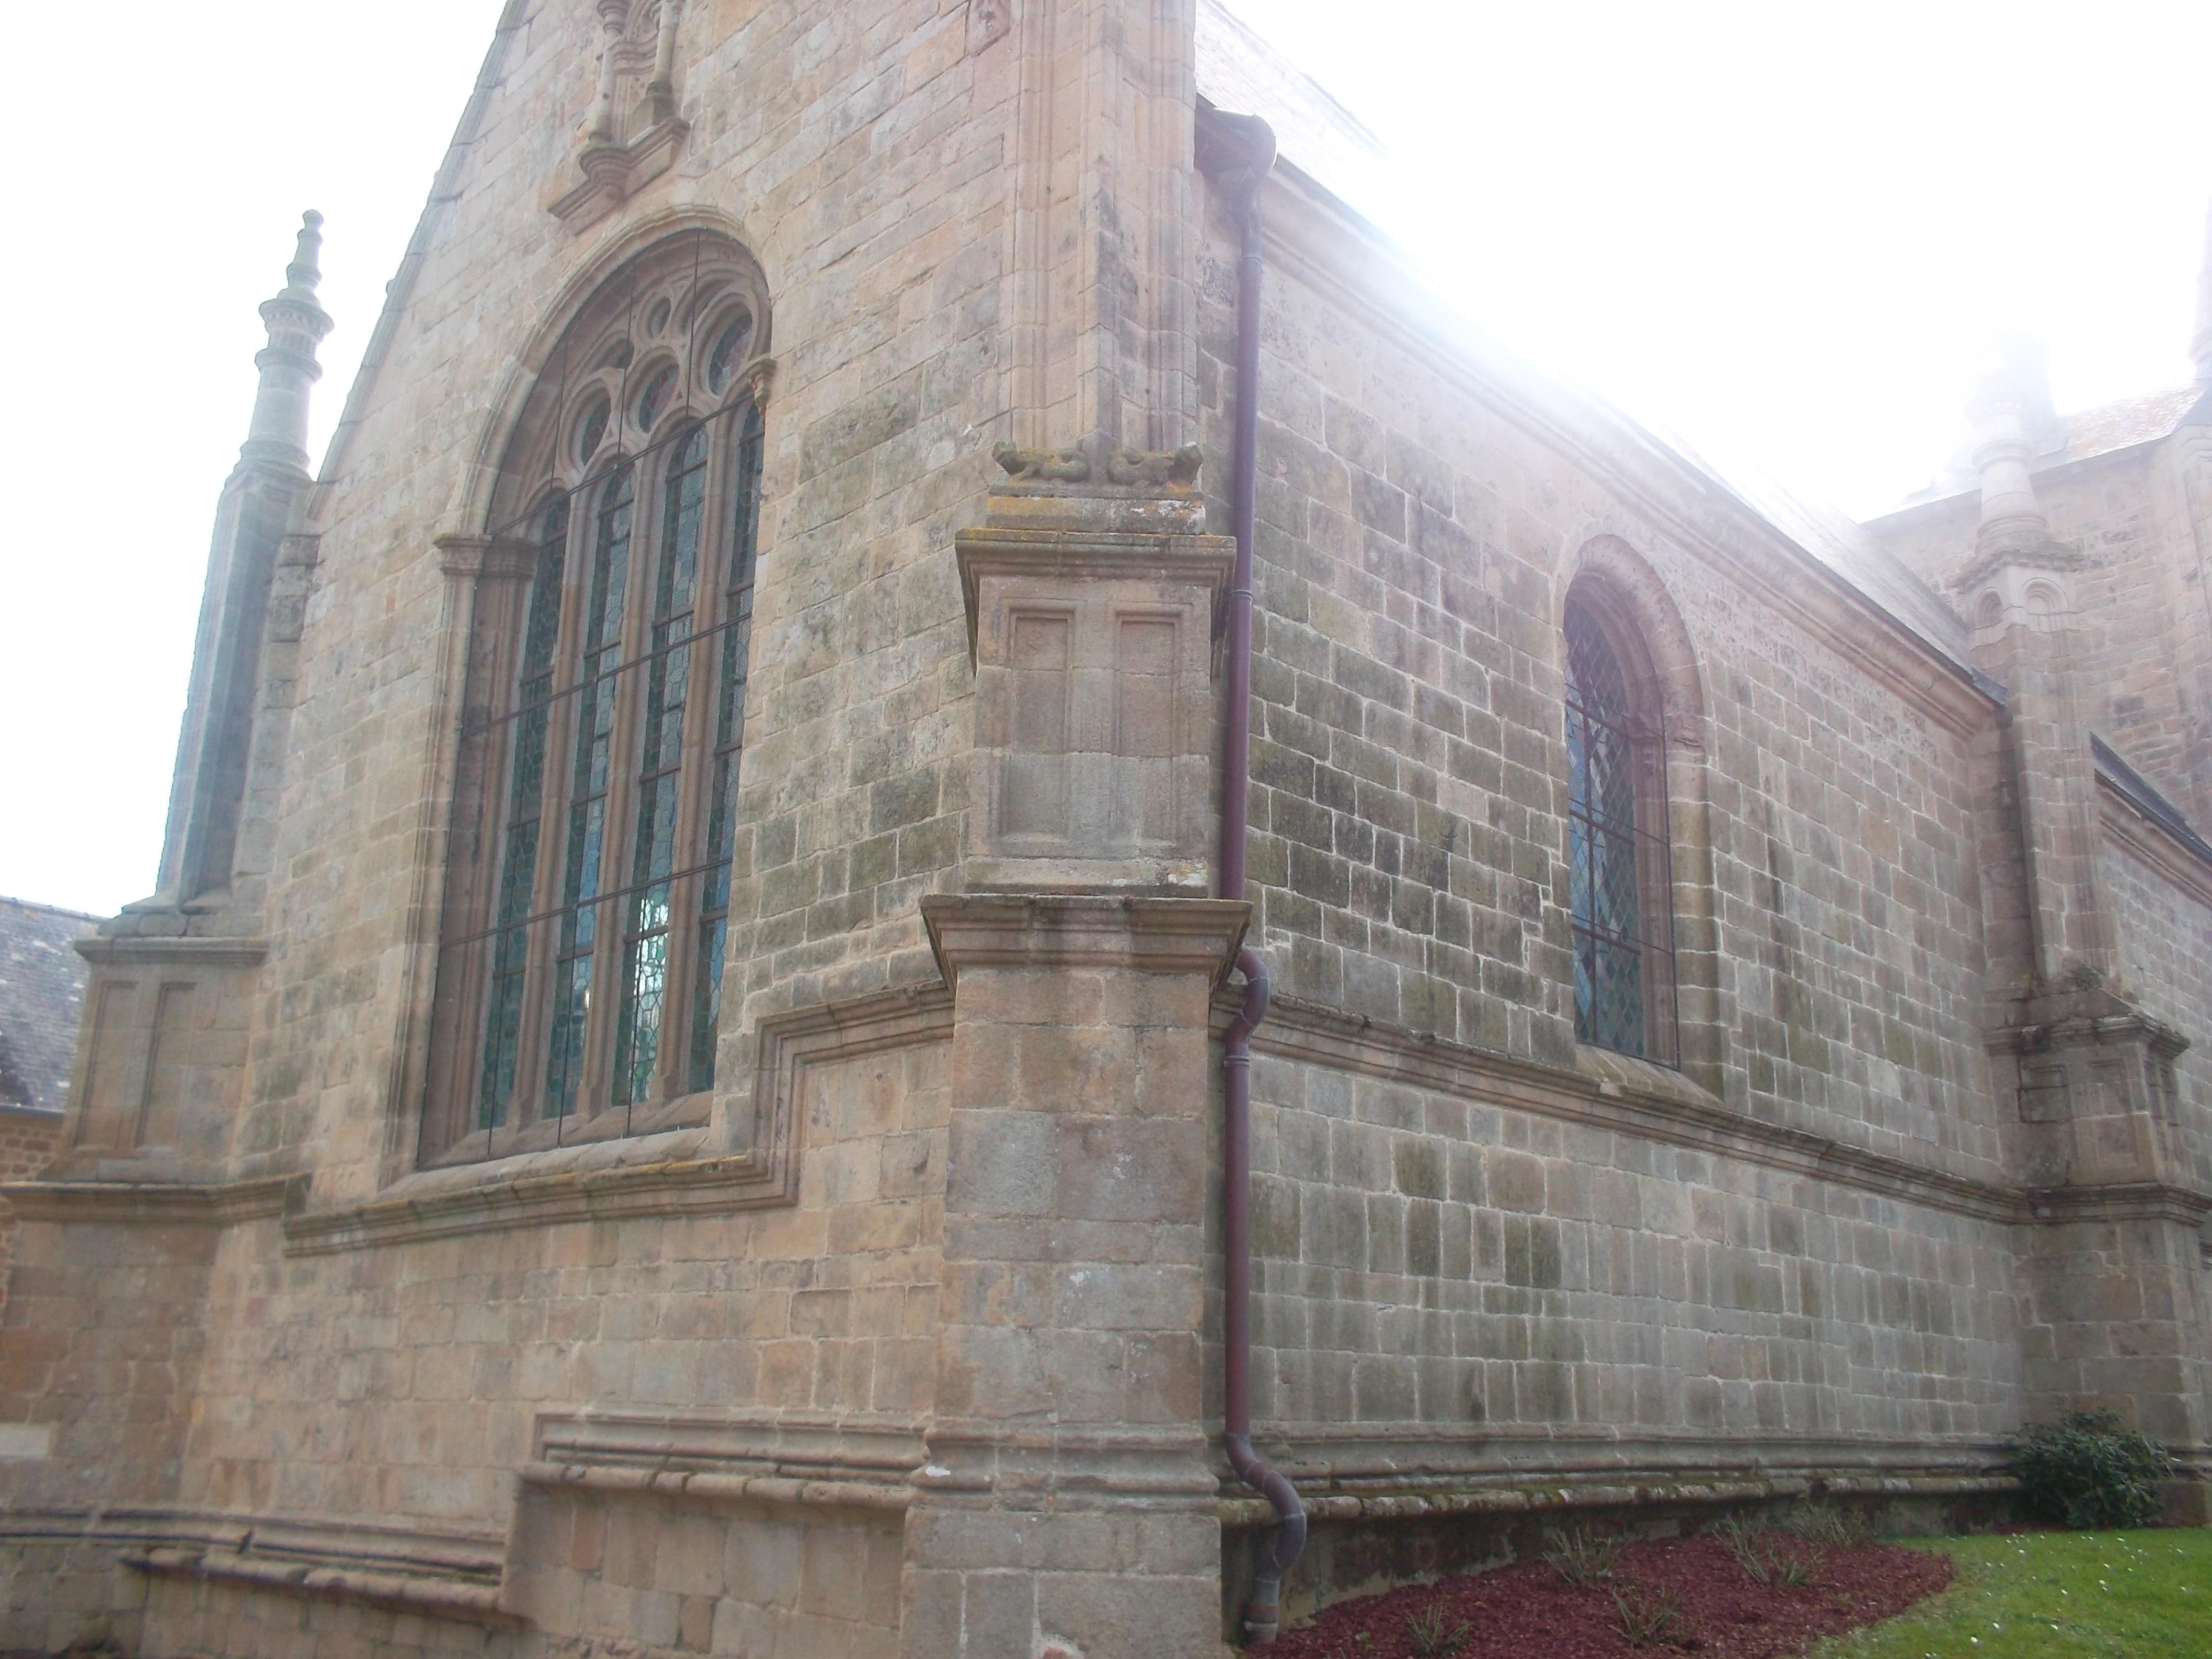 pluneret-chapelle-st-avoye-side-mars12